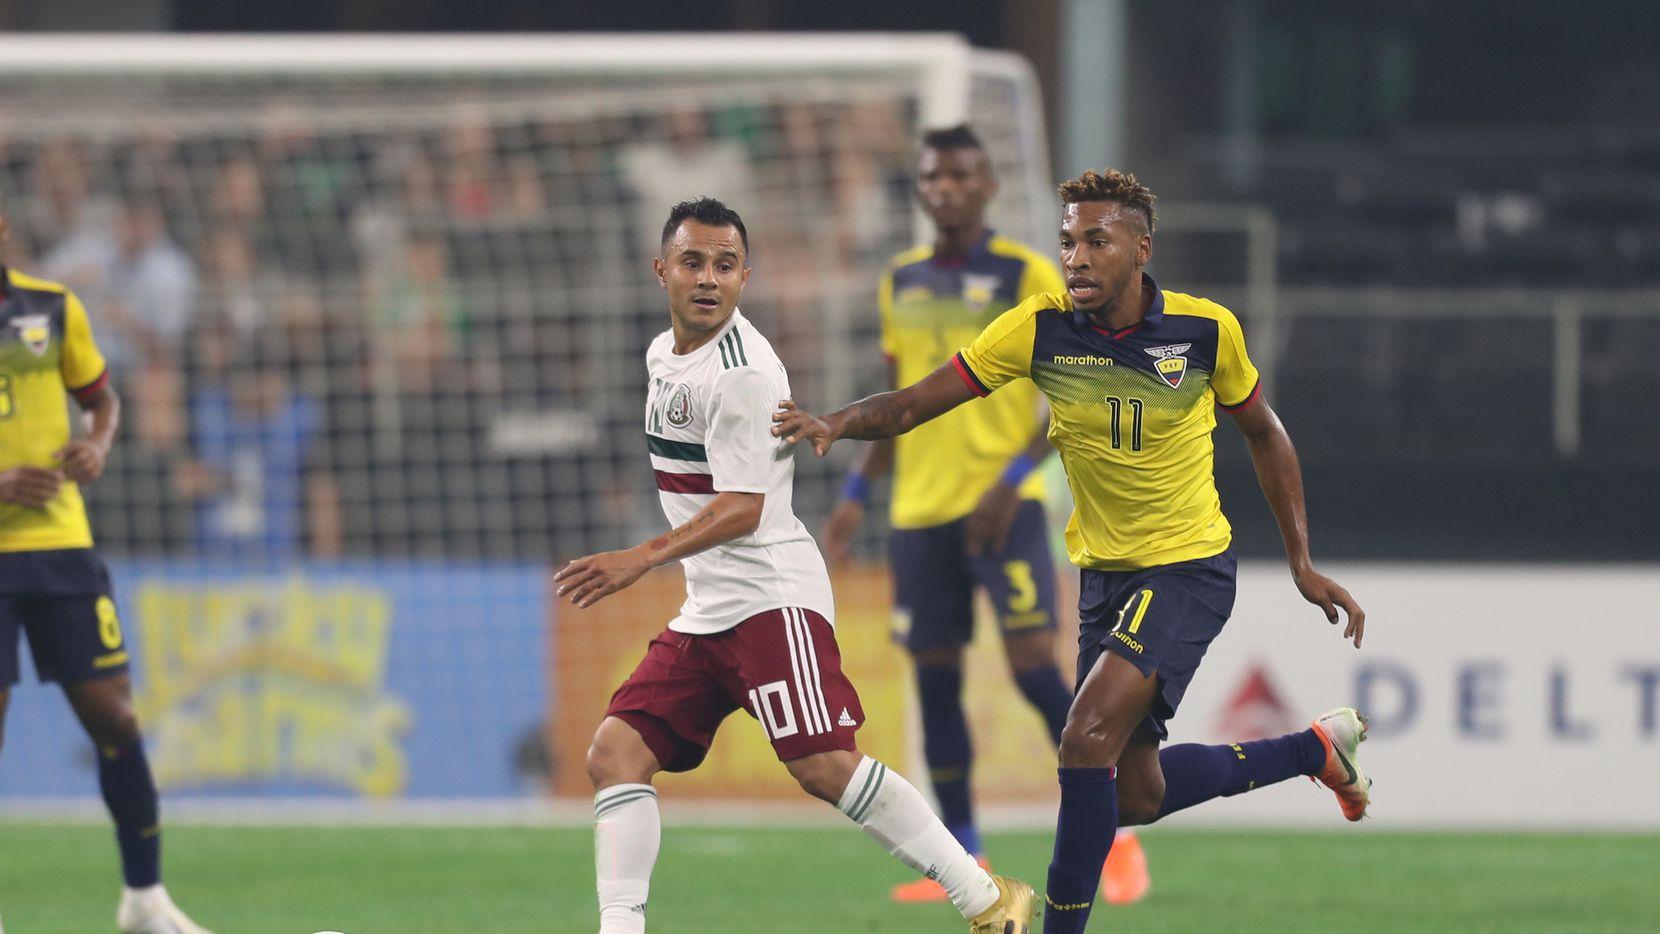 México y Ecuador disputaron un amistoso en Arlington el domingo 9 de junio de 2019. Foto de Omar Vega para Al Día